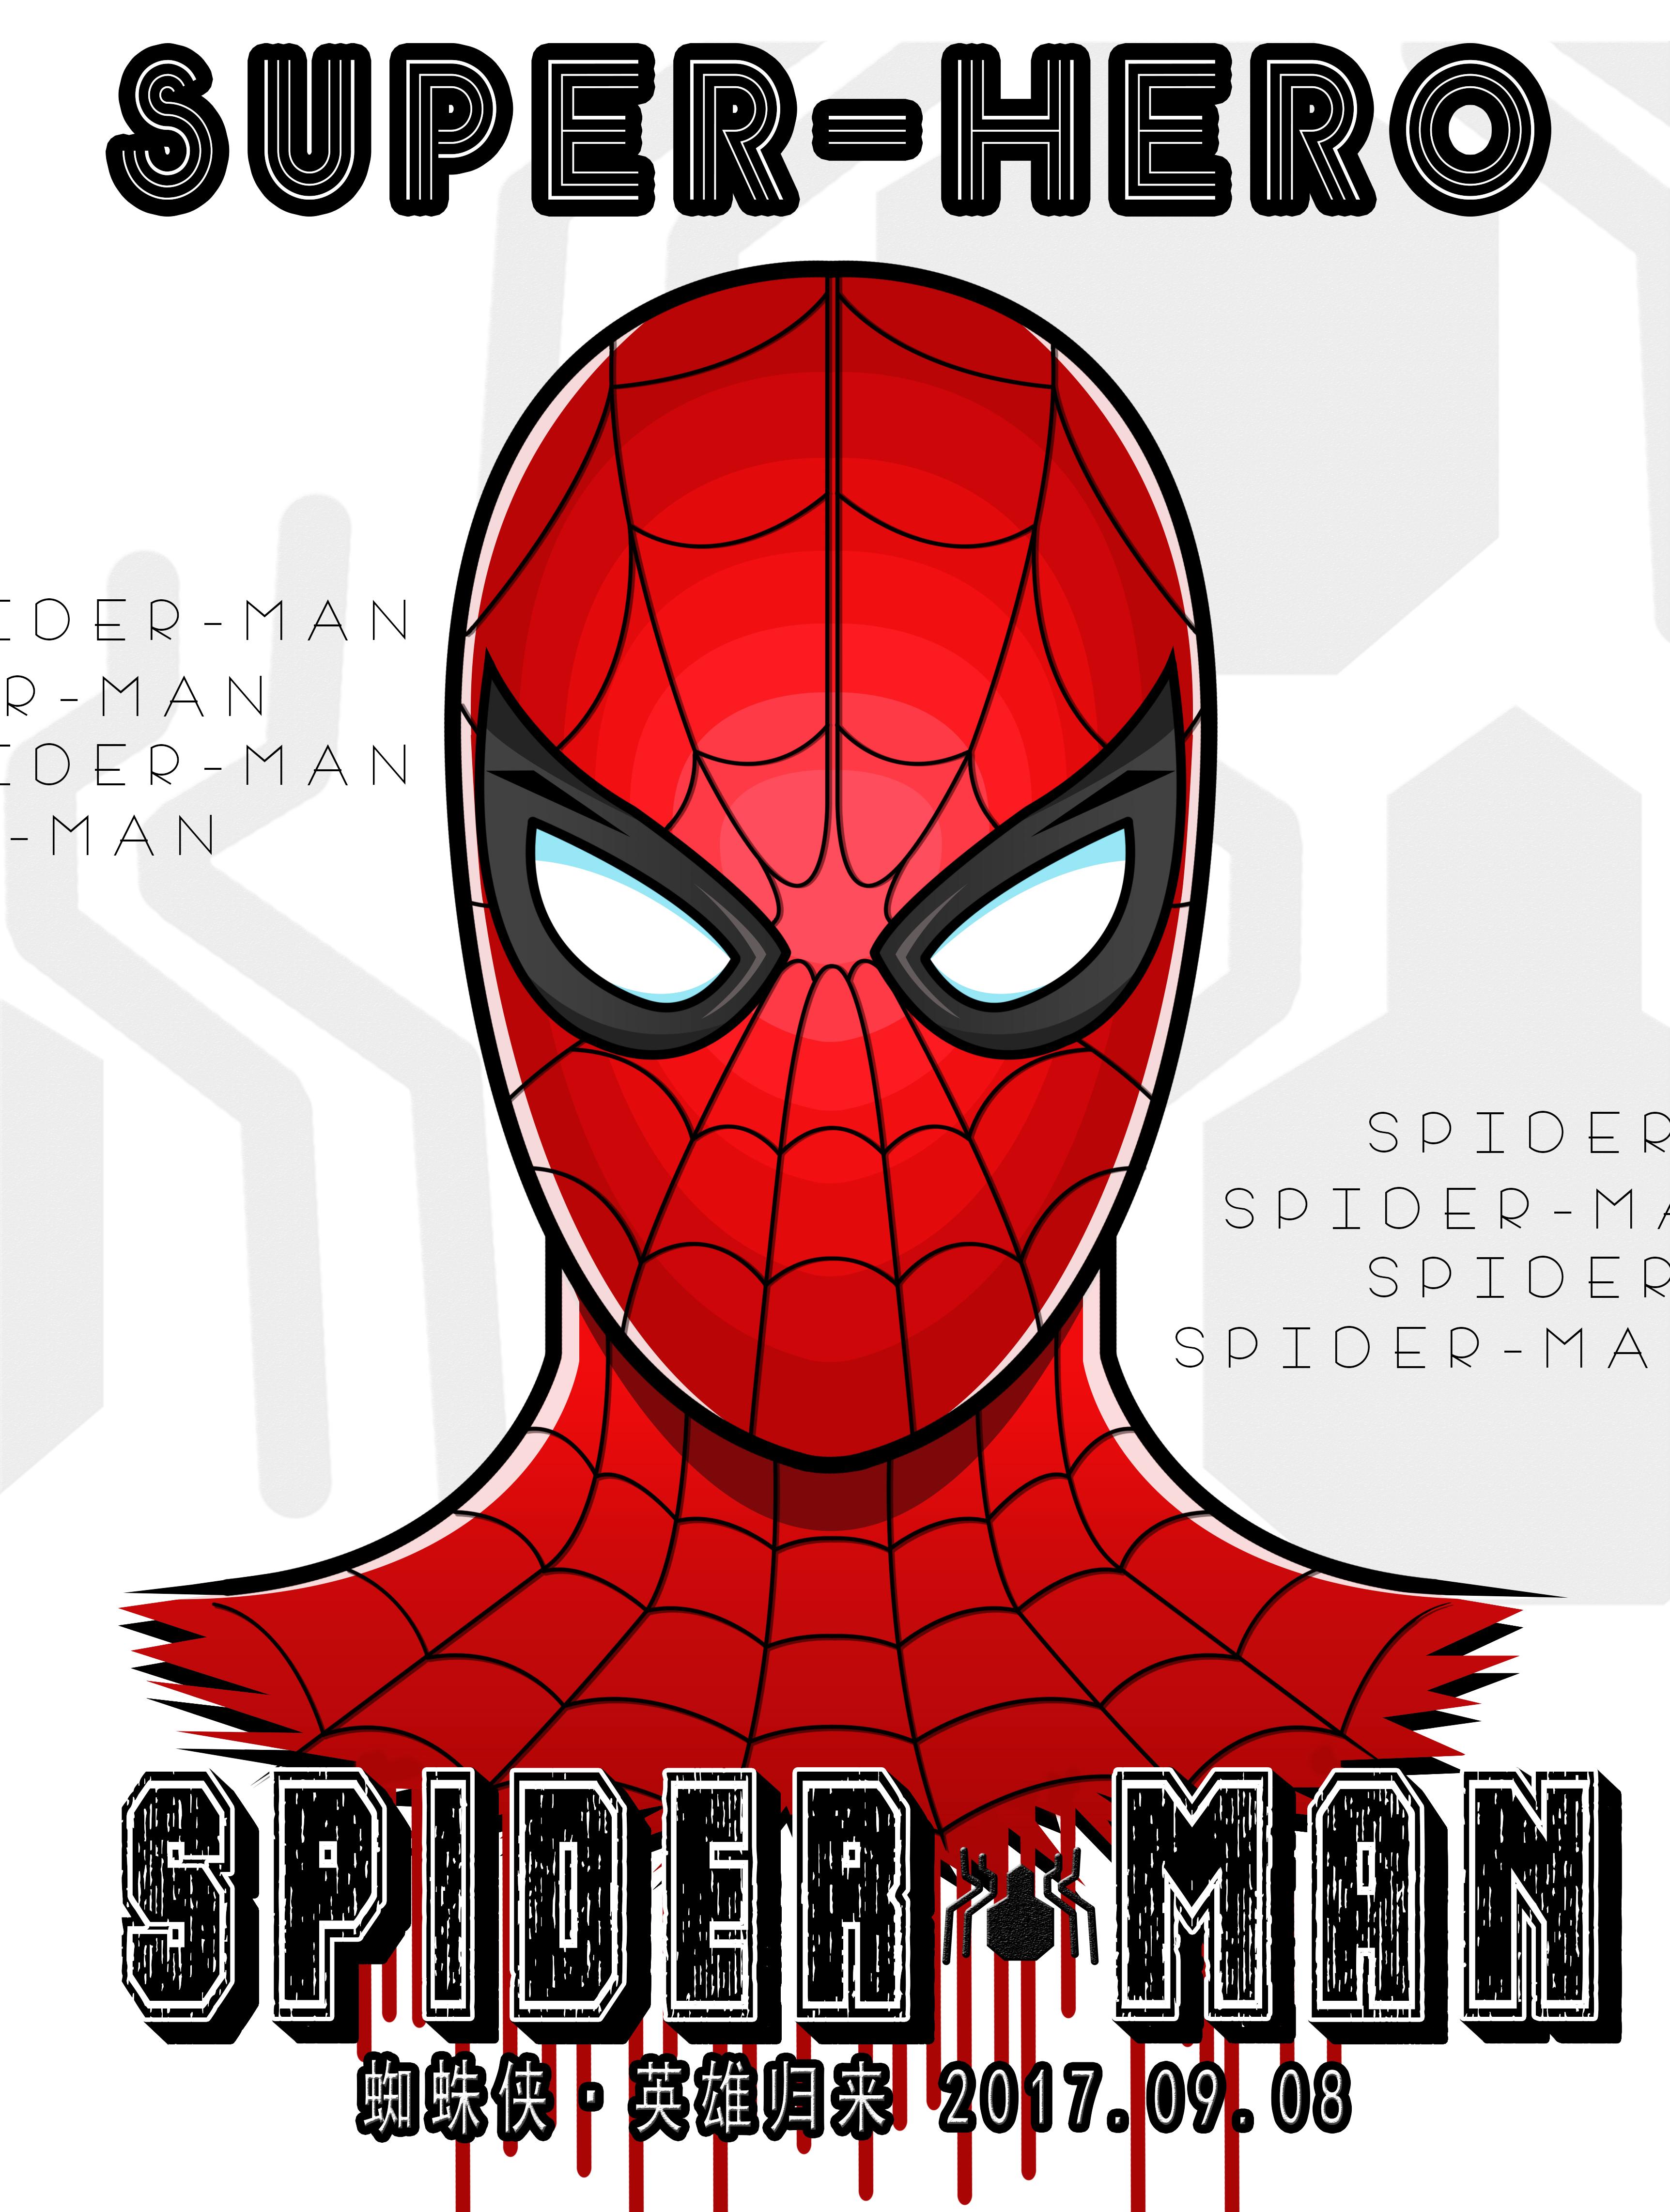 蜘蛛侠·英雄归来 2017年9月8日  震撼上映